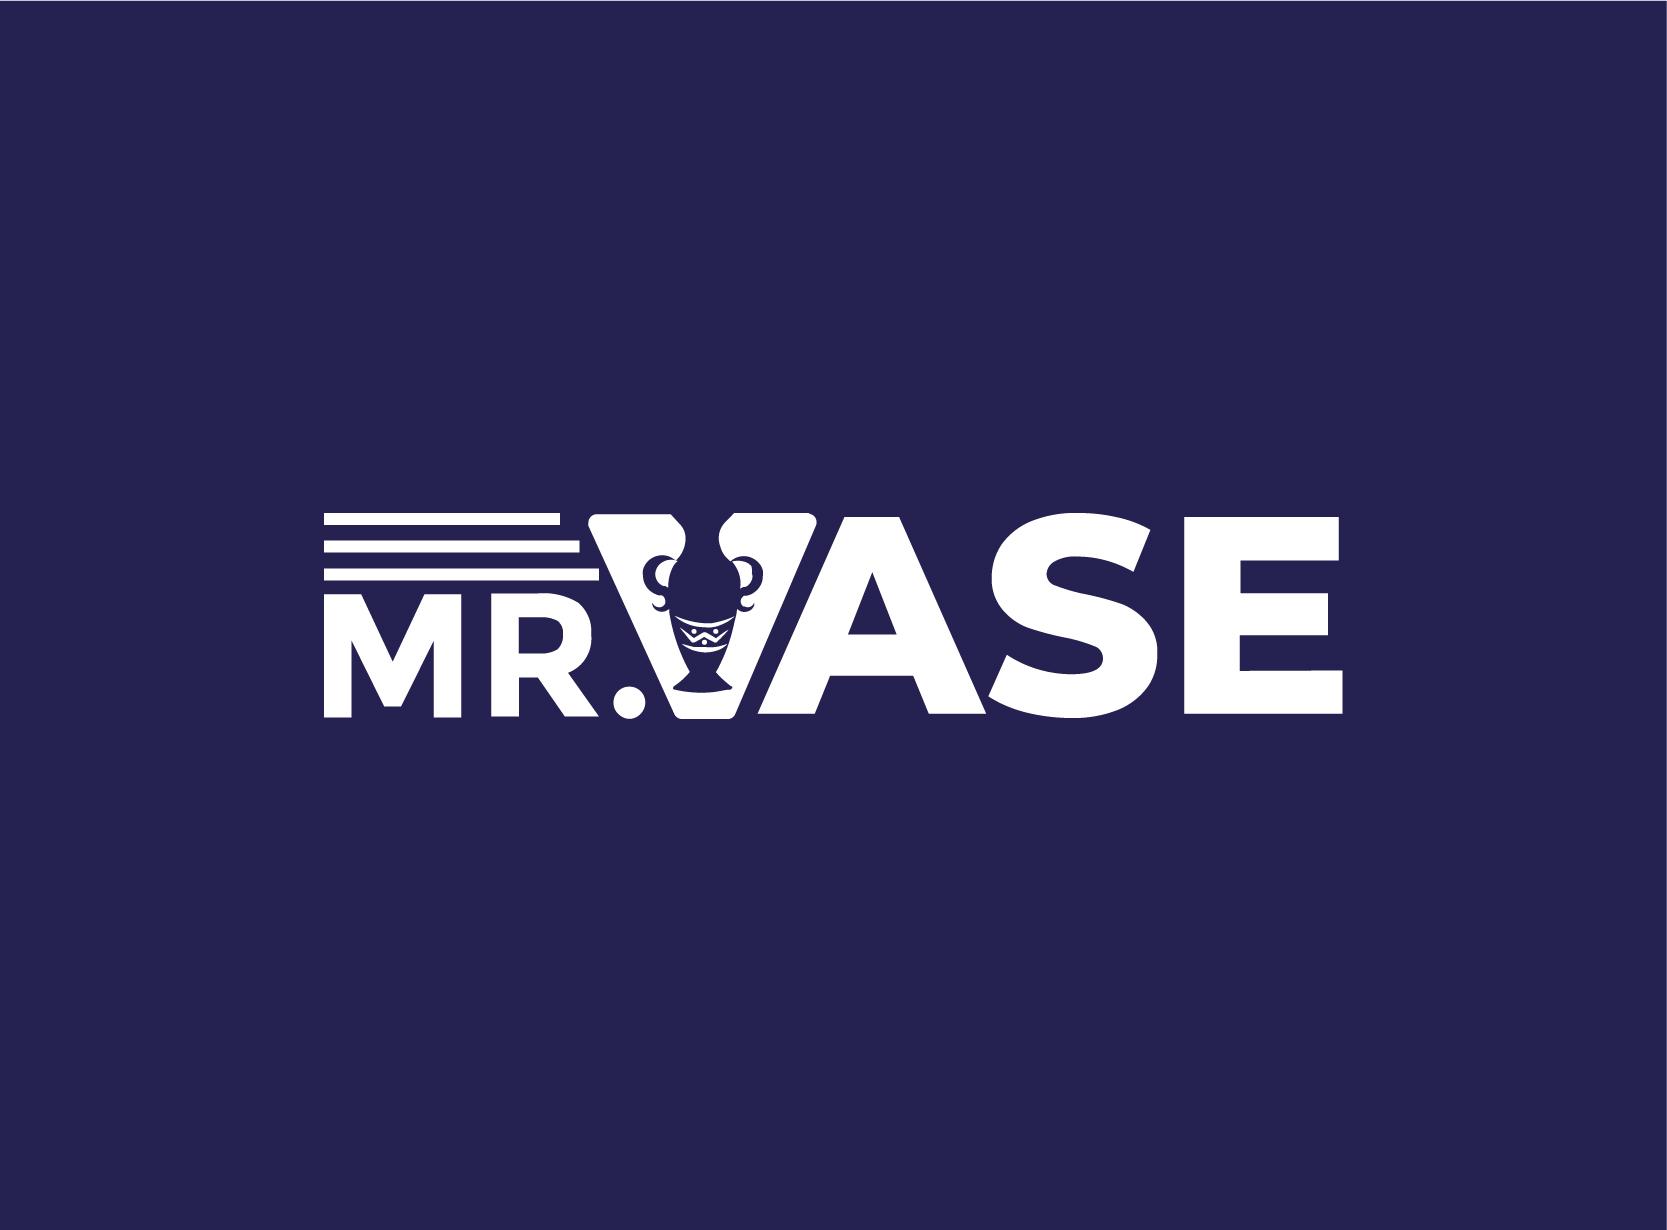 logo design services Mr. Vase